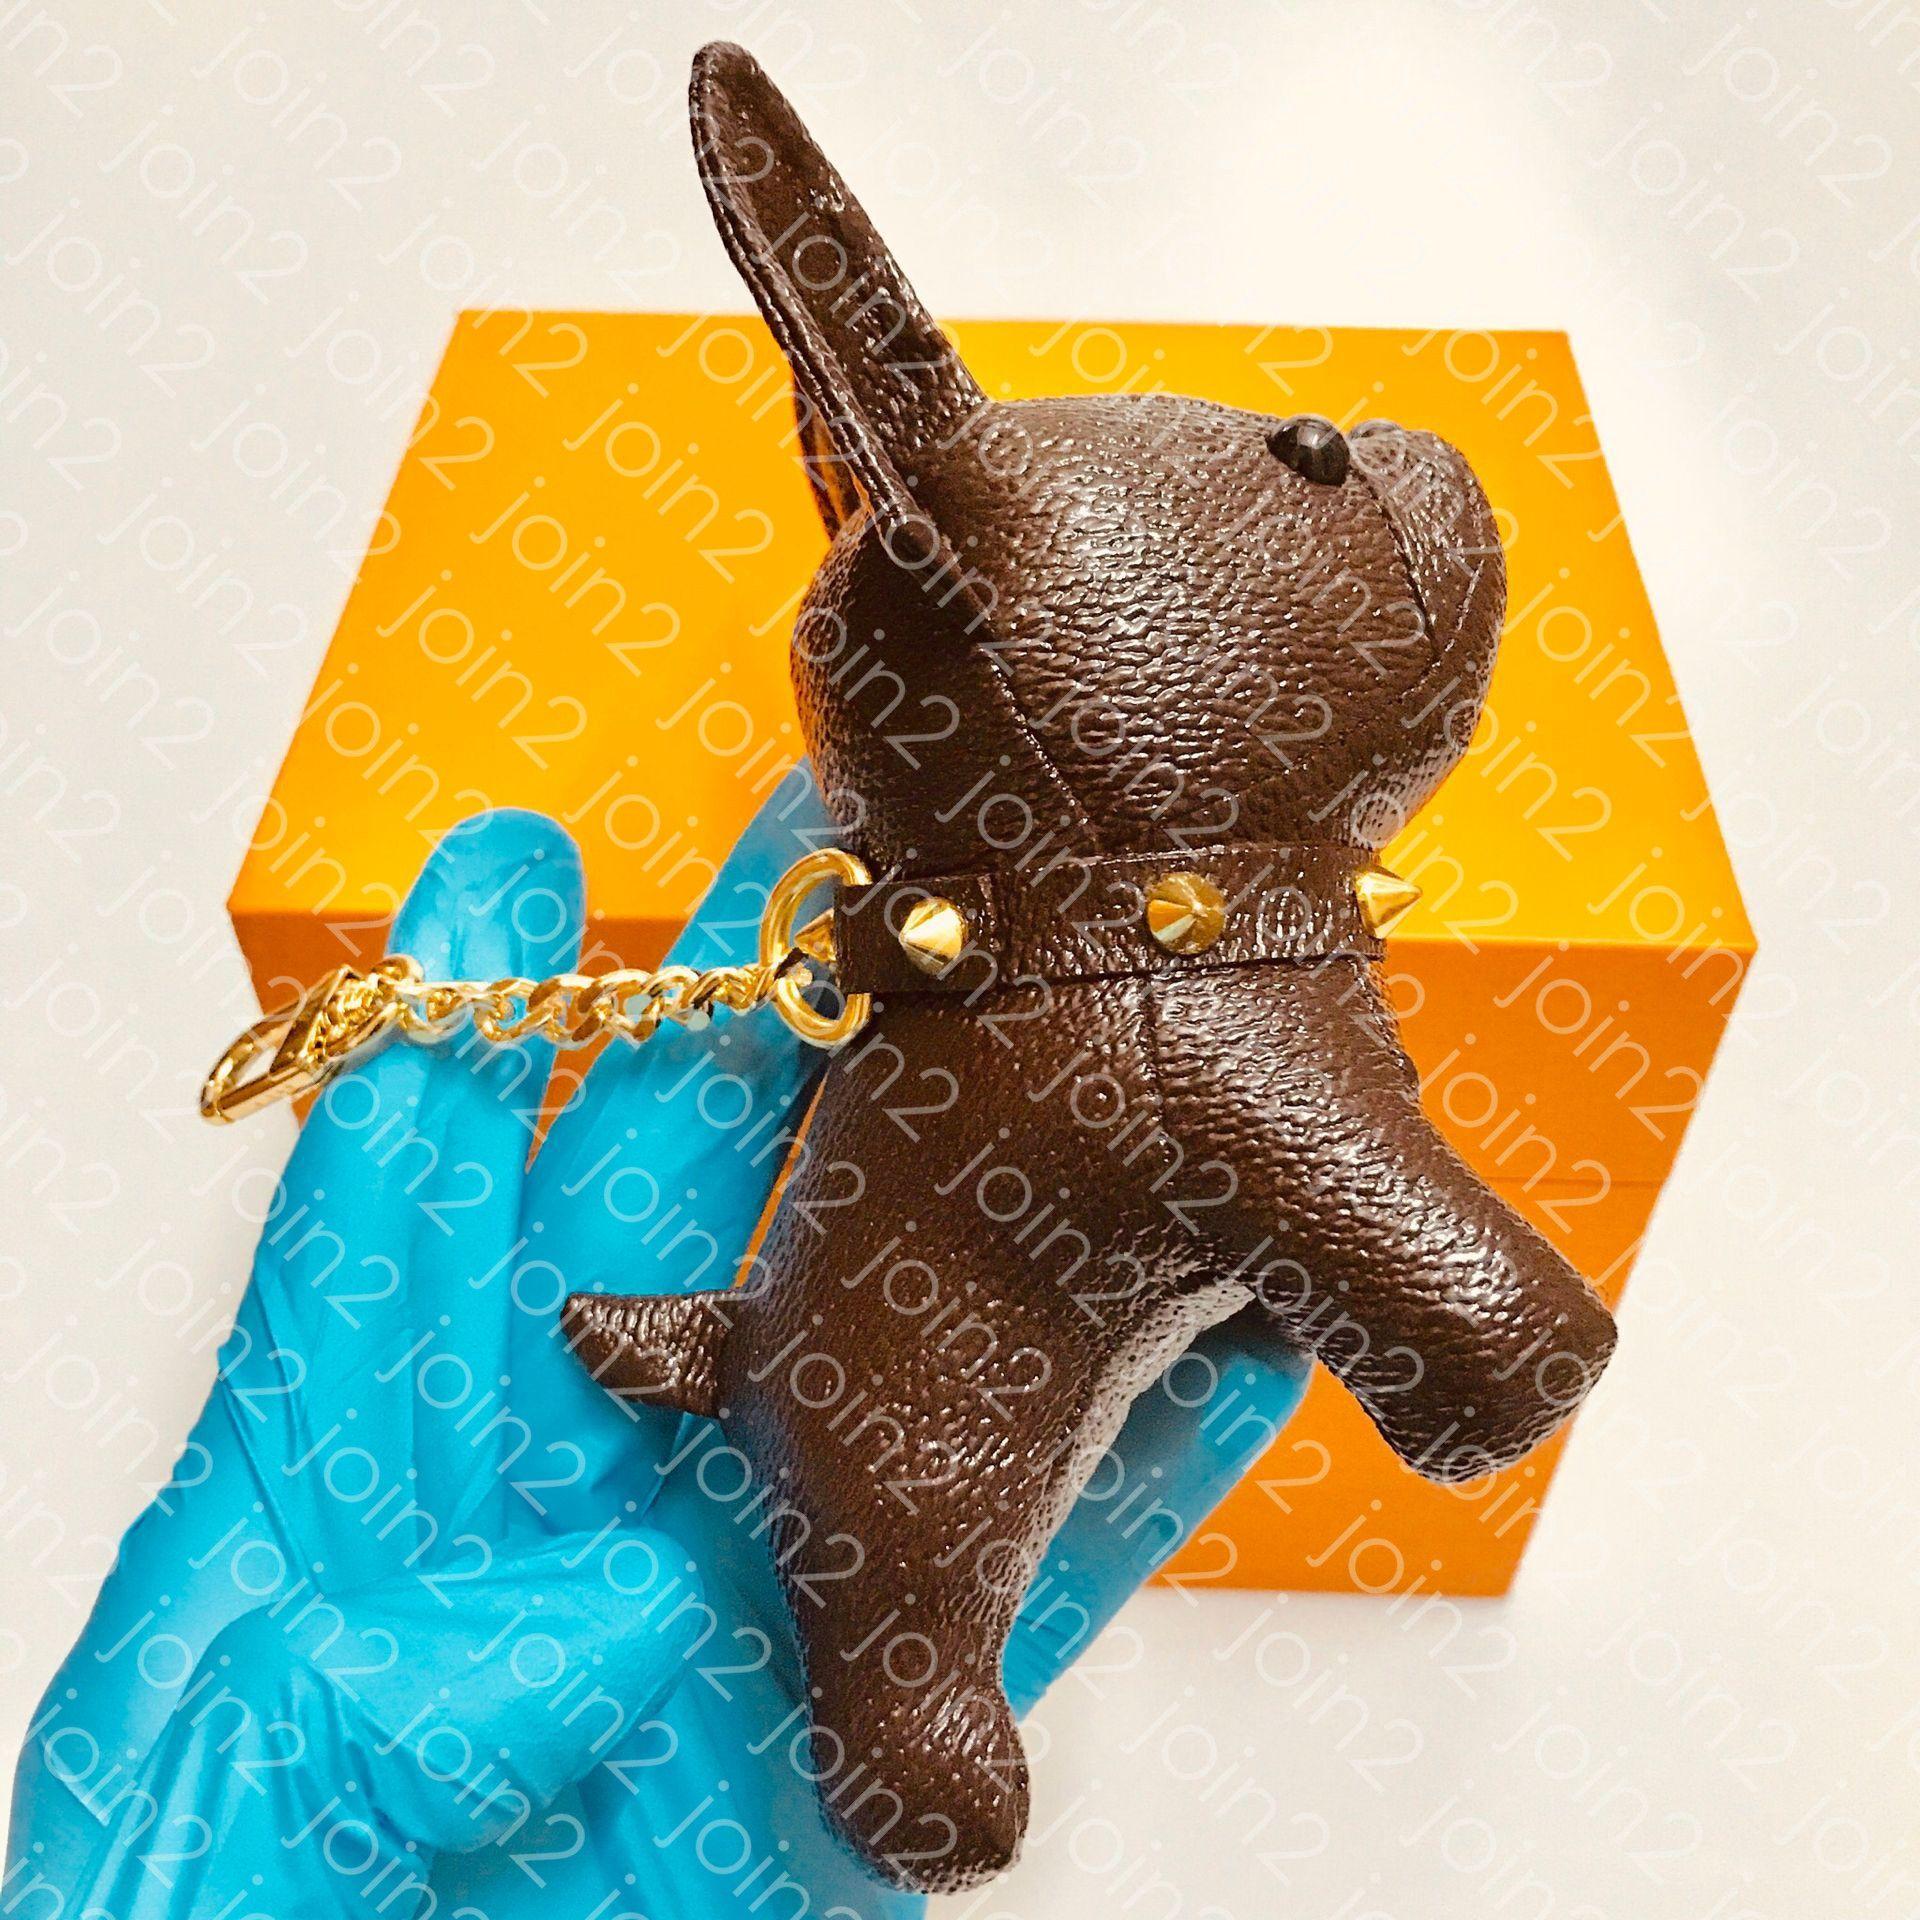 TITULAR bulldog perro del encanto del bolso CLAVE para mujer diseñador de moda Nombre de la etiqueta del bolso florecimiento de las flores del encanto de lujo Brown con monograma lienzo de edición limitada